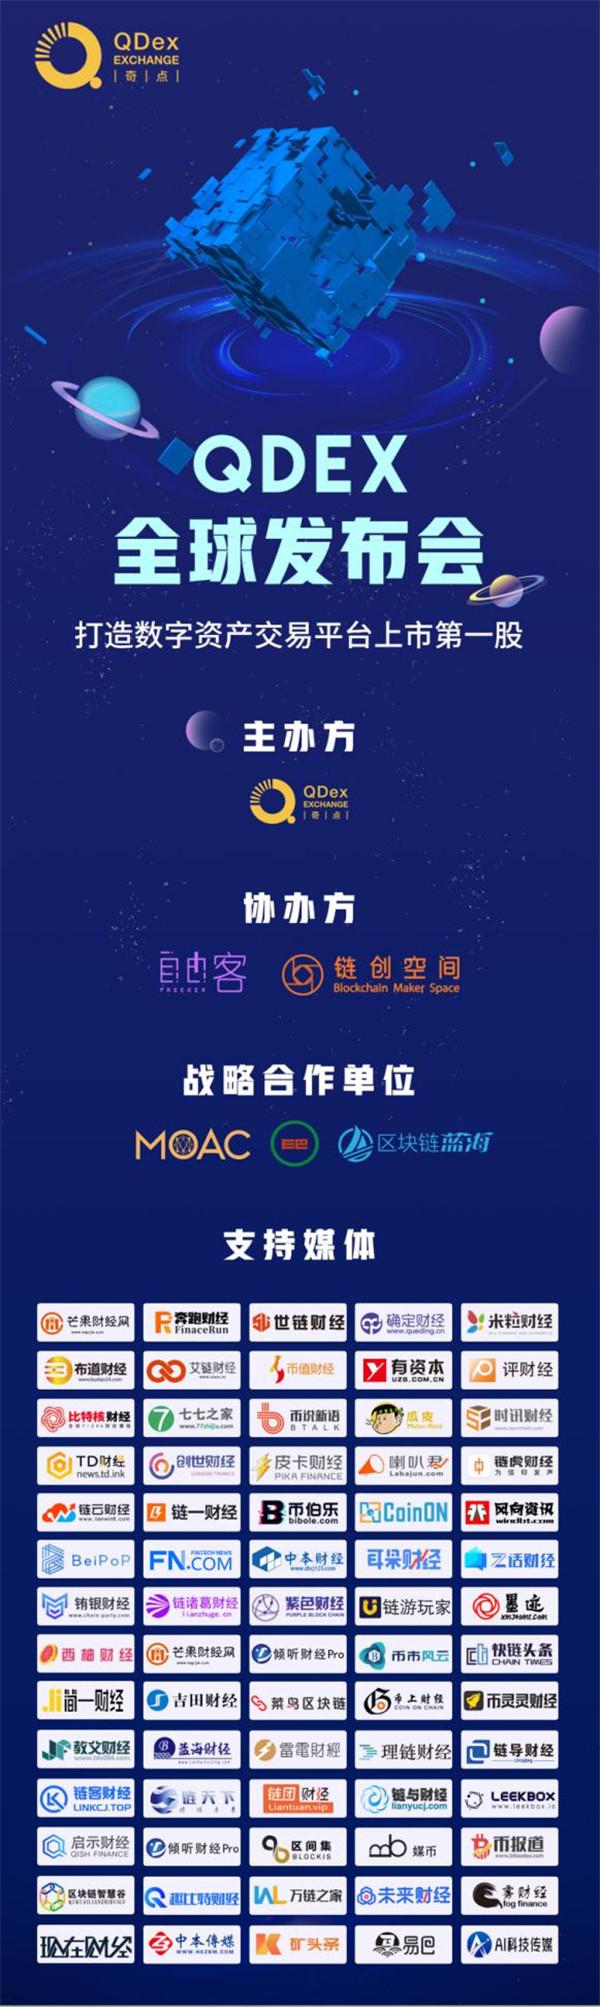 打造数字资产交易平台第一股——QDEX奇点交易所10月24日在武汉召开全球发布会